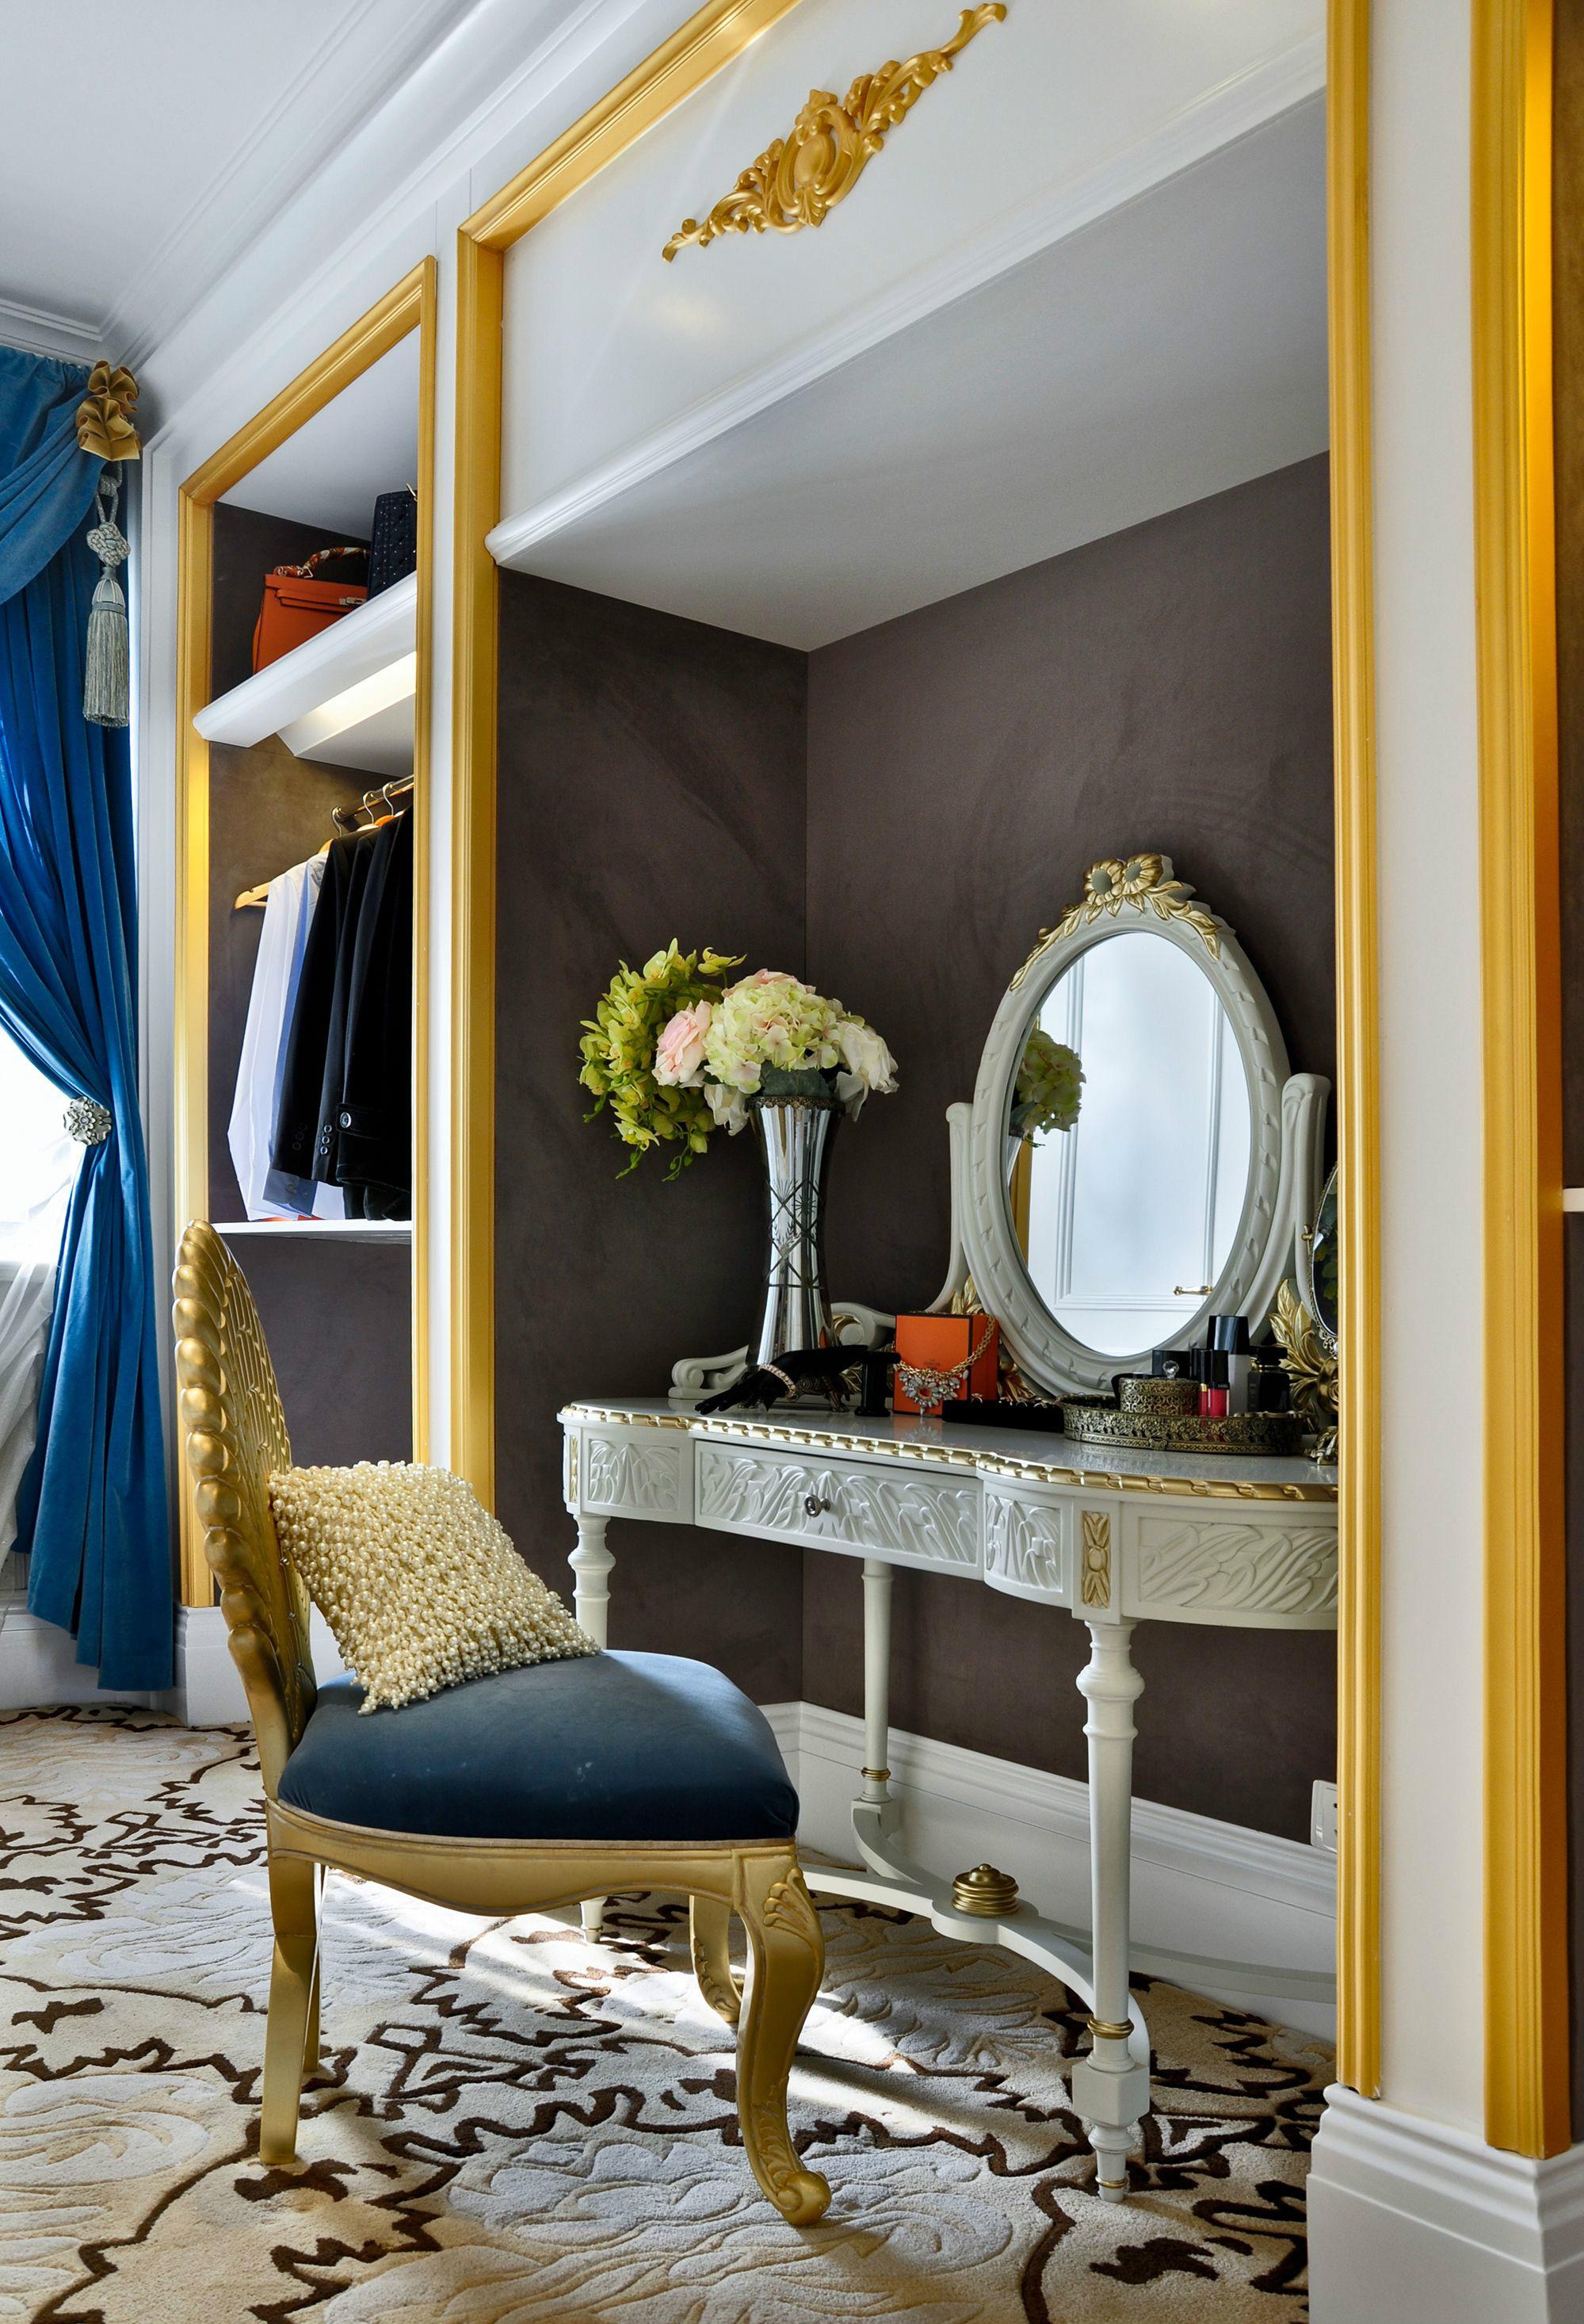 奢华法式风格别墅装修梳妆台设计图